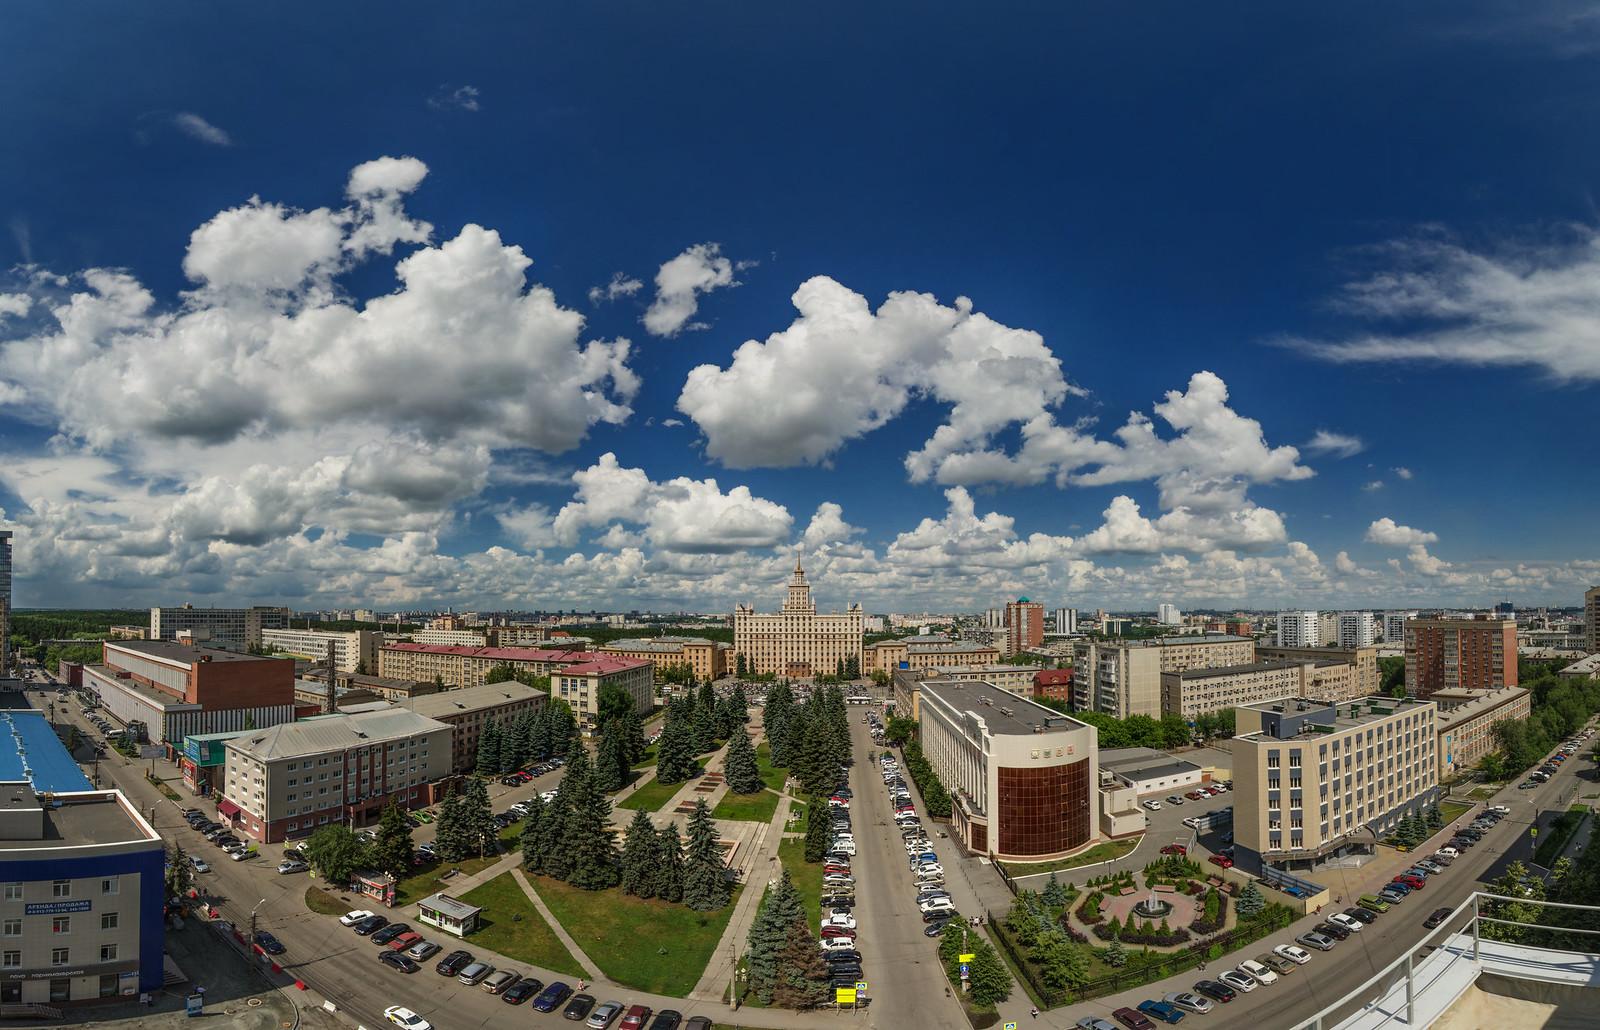 Челябинск 11.07.2018 13:24 ЮУРГУ